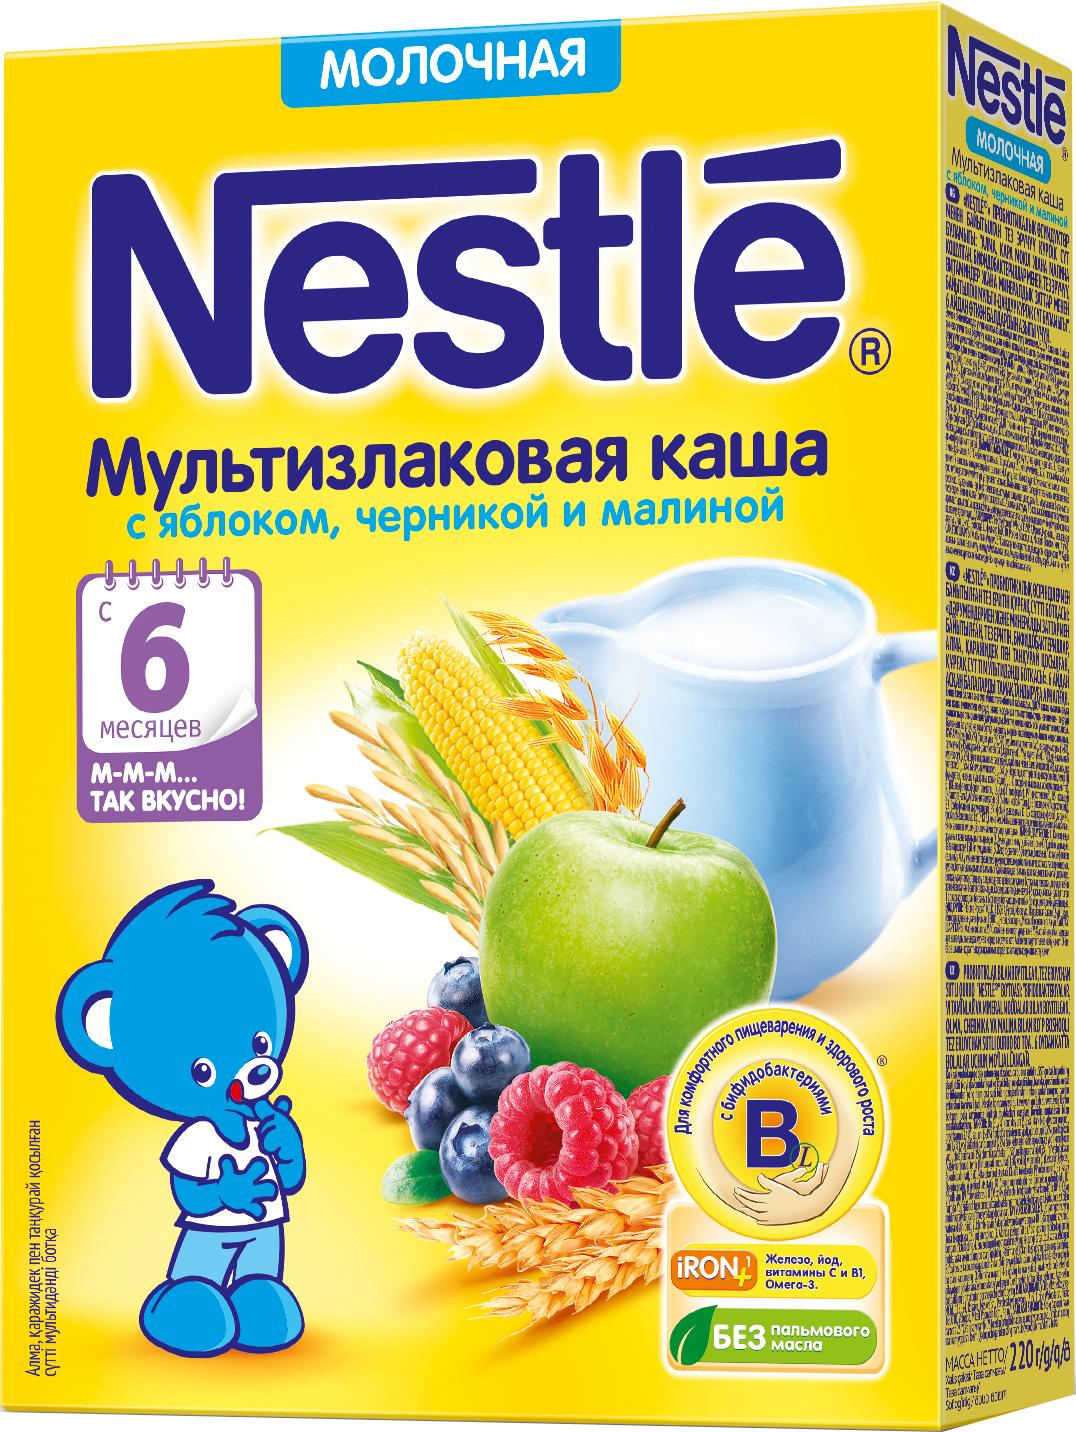 Купить Каша, Nestlé Молочная мультизлаковая с яблоком, черникой и малиной (с 6 месяцев) 220 г, 1шт., Nestle 12343021, Россия